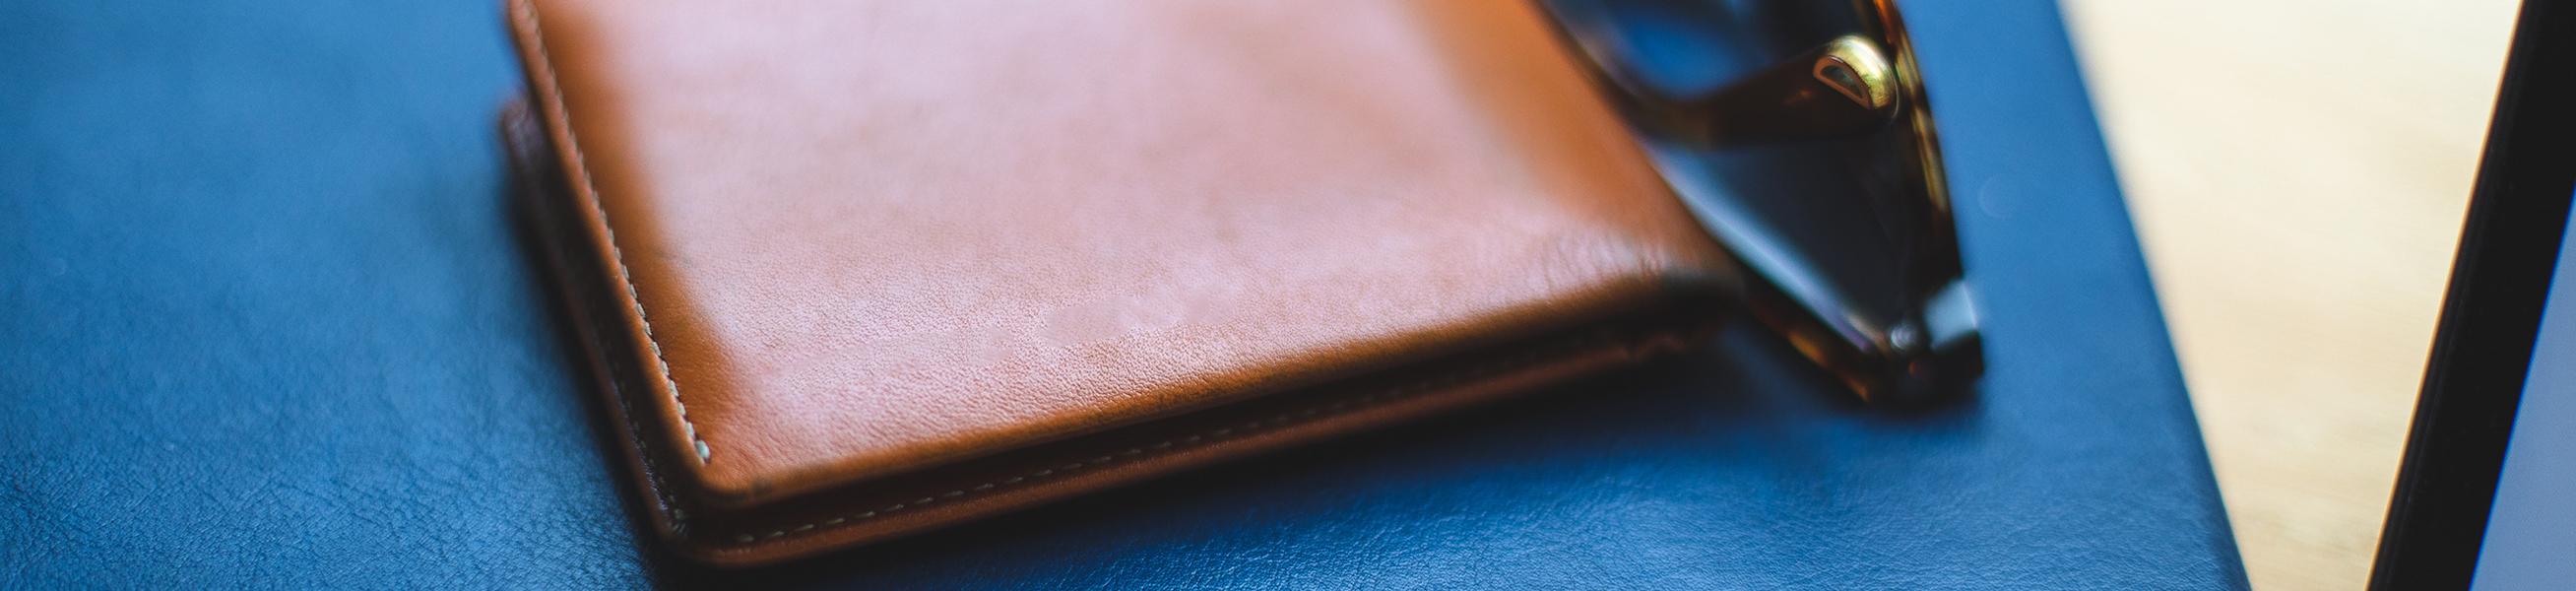 Portemonnaies online kaufen ✔ Leder, skim proof, Creditcard fach ✔ Schnelle Lieferung ✔ Trusted Shops 4.8/5 (+1000 Bewertungen)